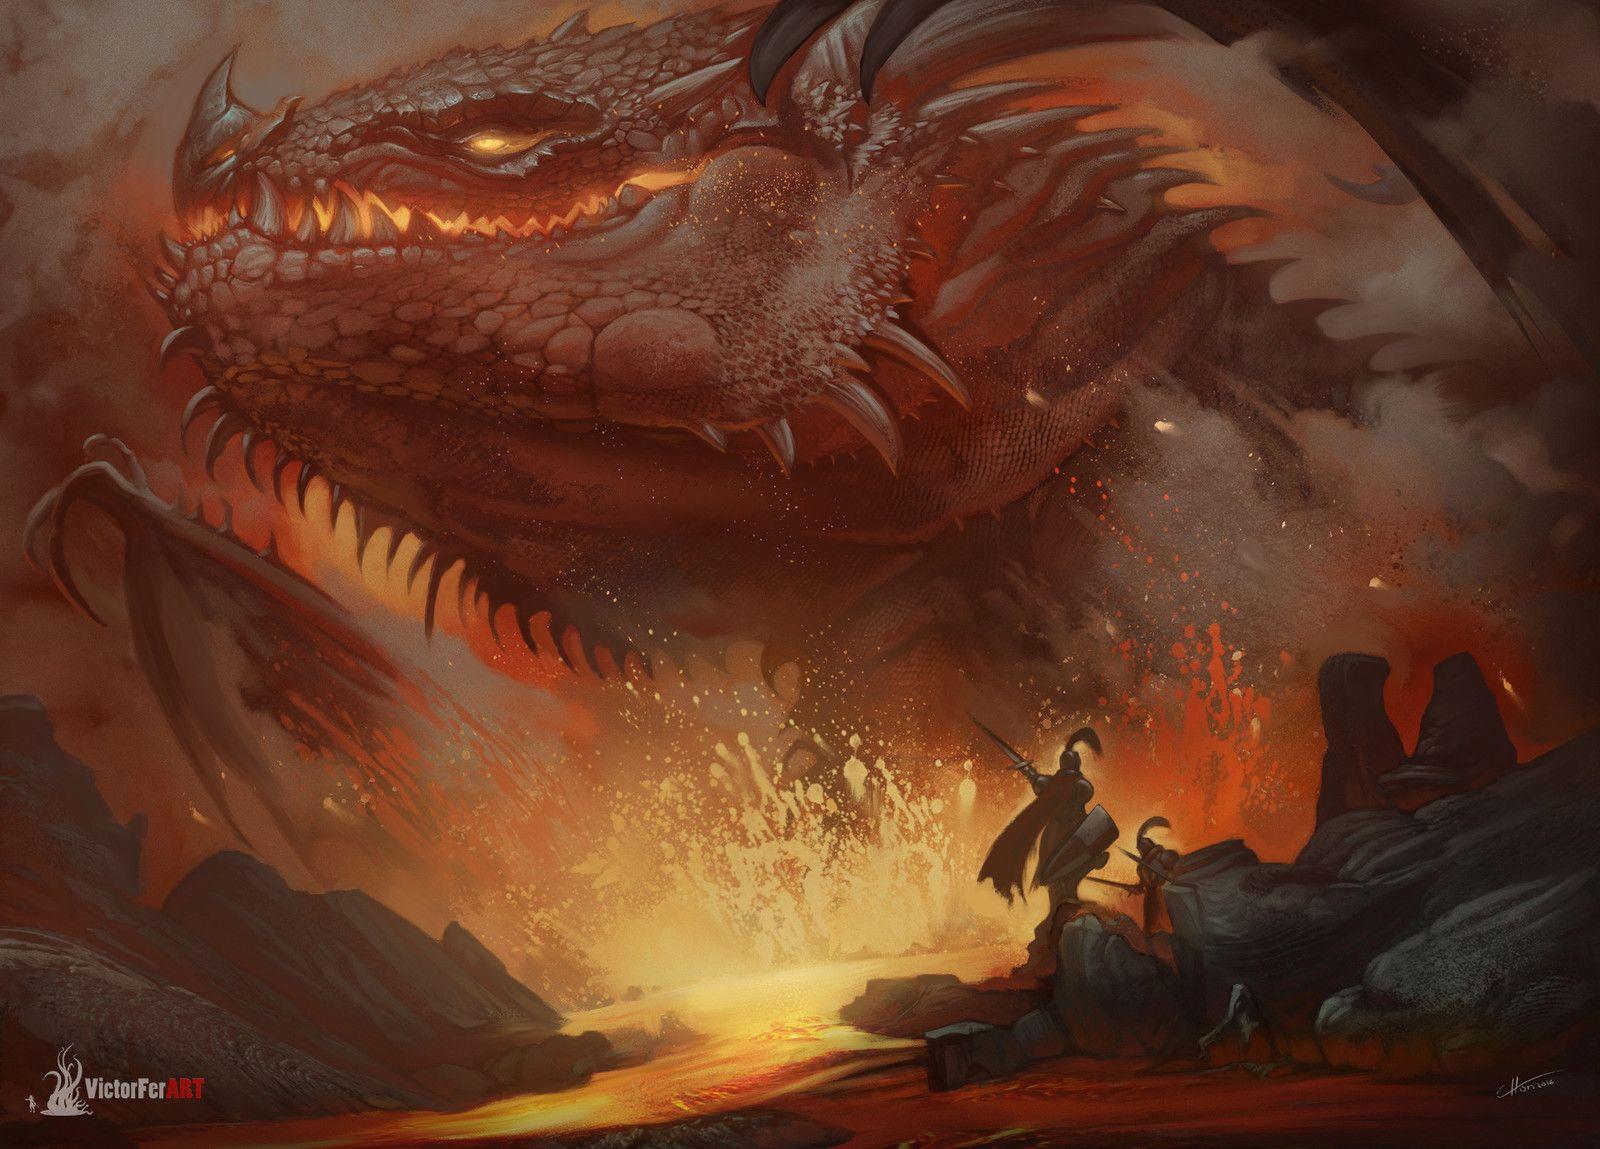 DragonTime!!, Victor Fernández on ArtStation at https://www.artstation.com/artwork/8OPqE